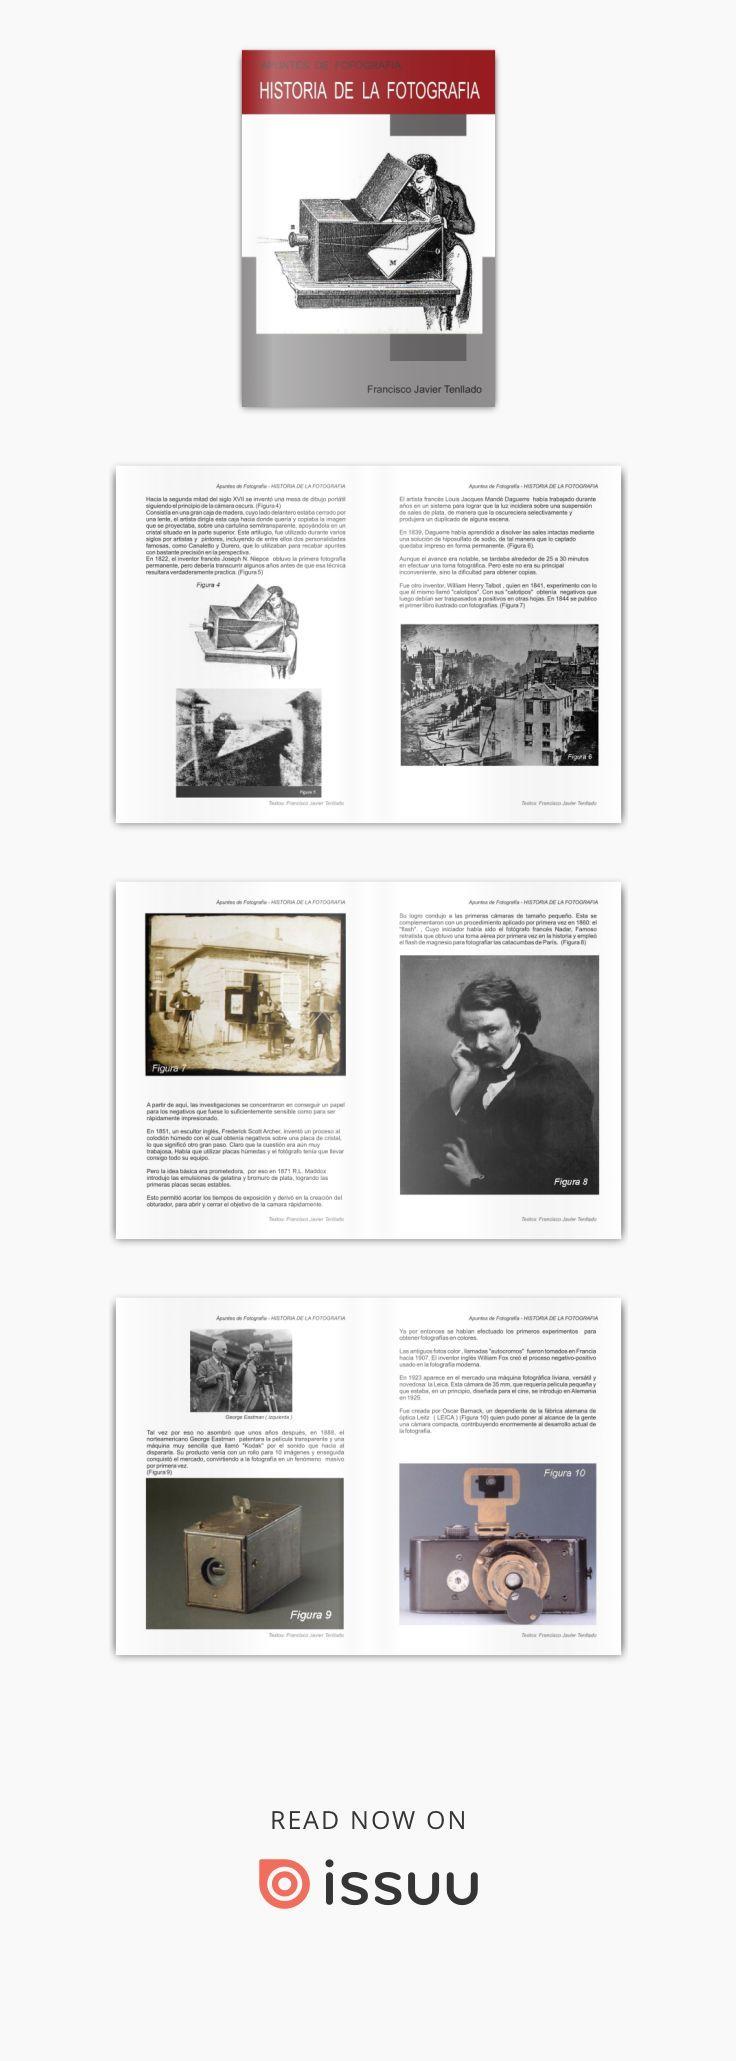 Historia de la fotografia  Apuntes de Fotografía Francisco Javier Tenllado. Historia de la Fotograía